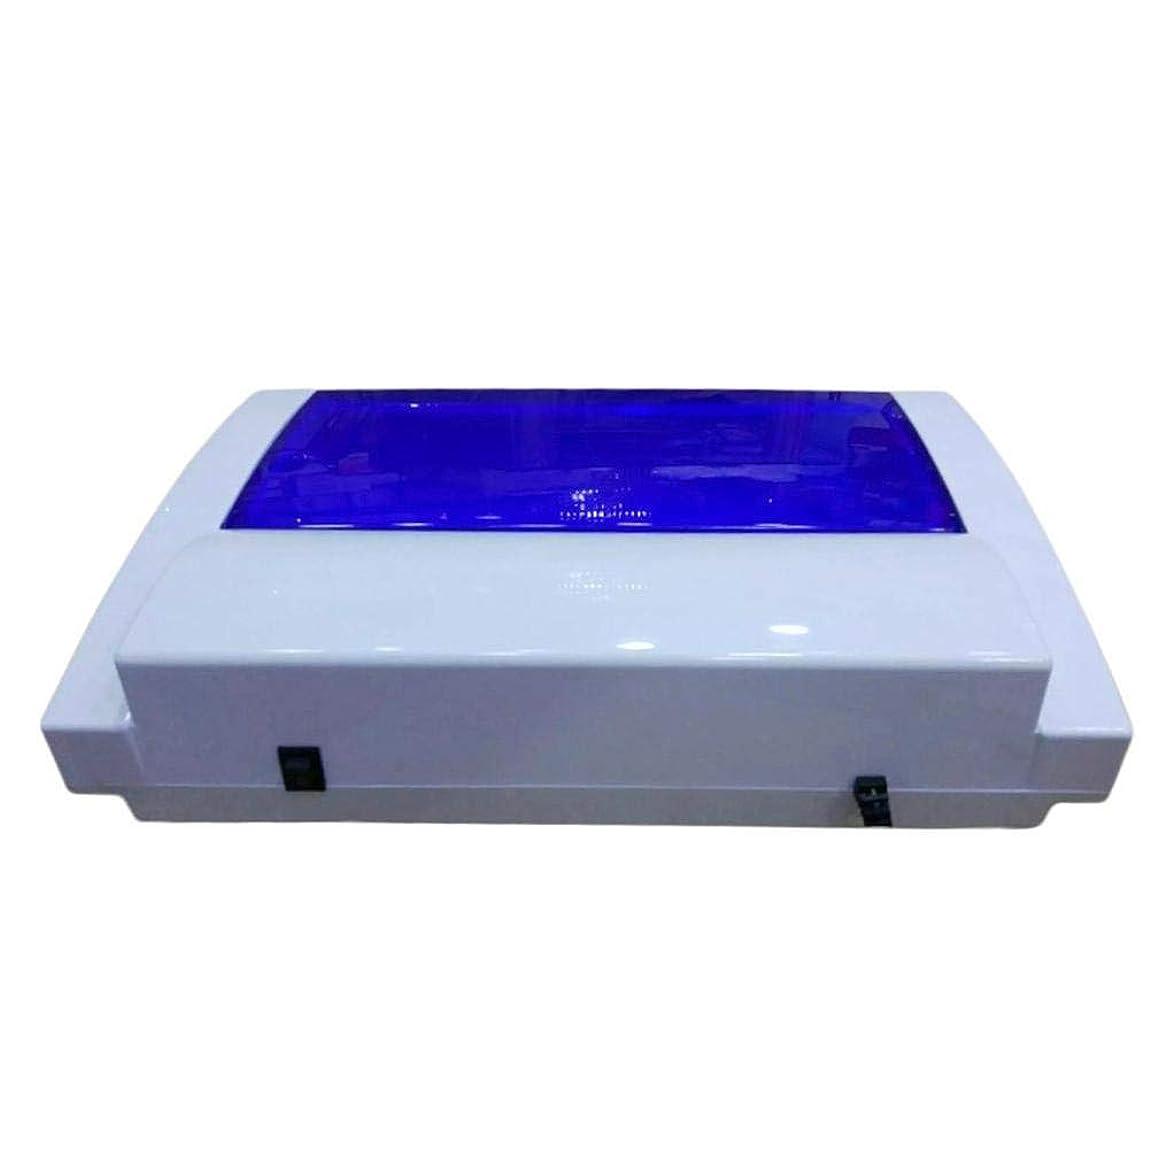 市民透過性主にネイル殺菌装置UV消毒キャビネット高温ドライヤーネイルマニキュアサロンツール治療消毒機